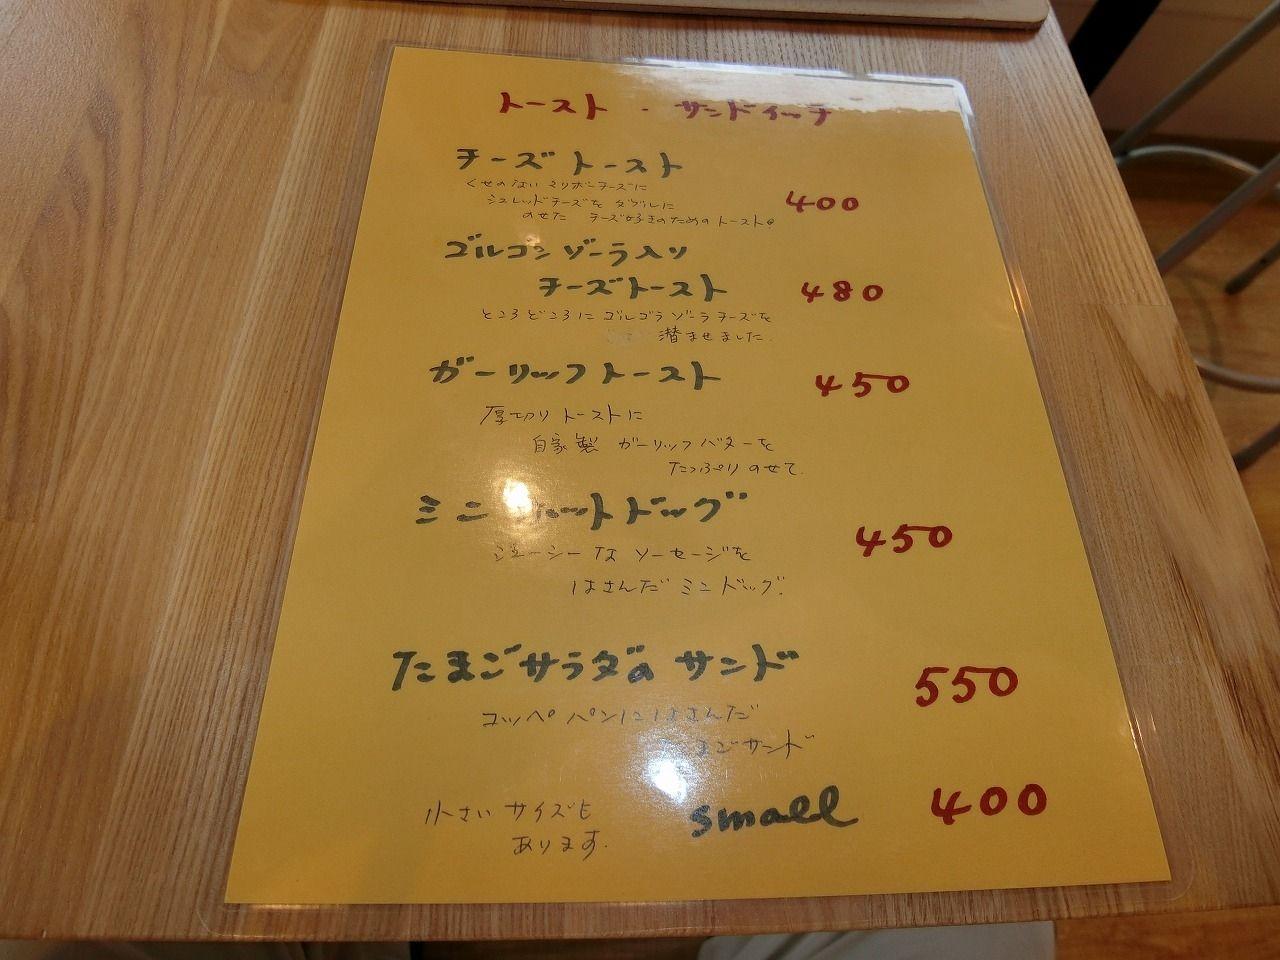 「Madalena Cafe」(マダレーナ カフェ) のメニュー(トースト)